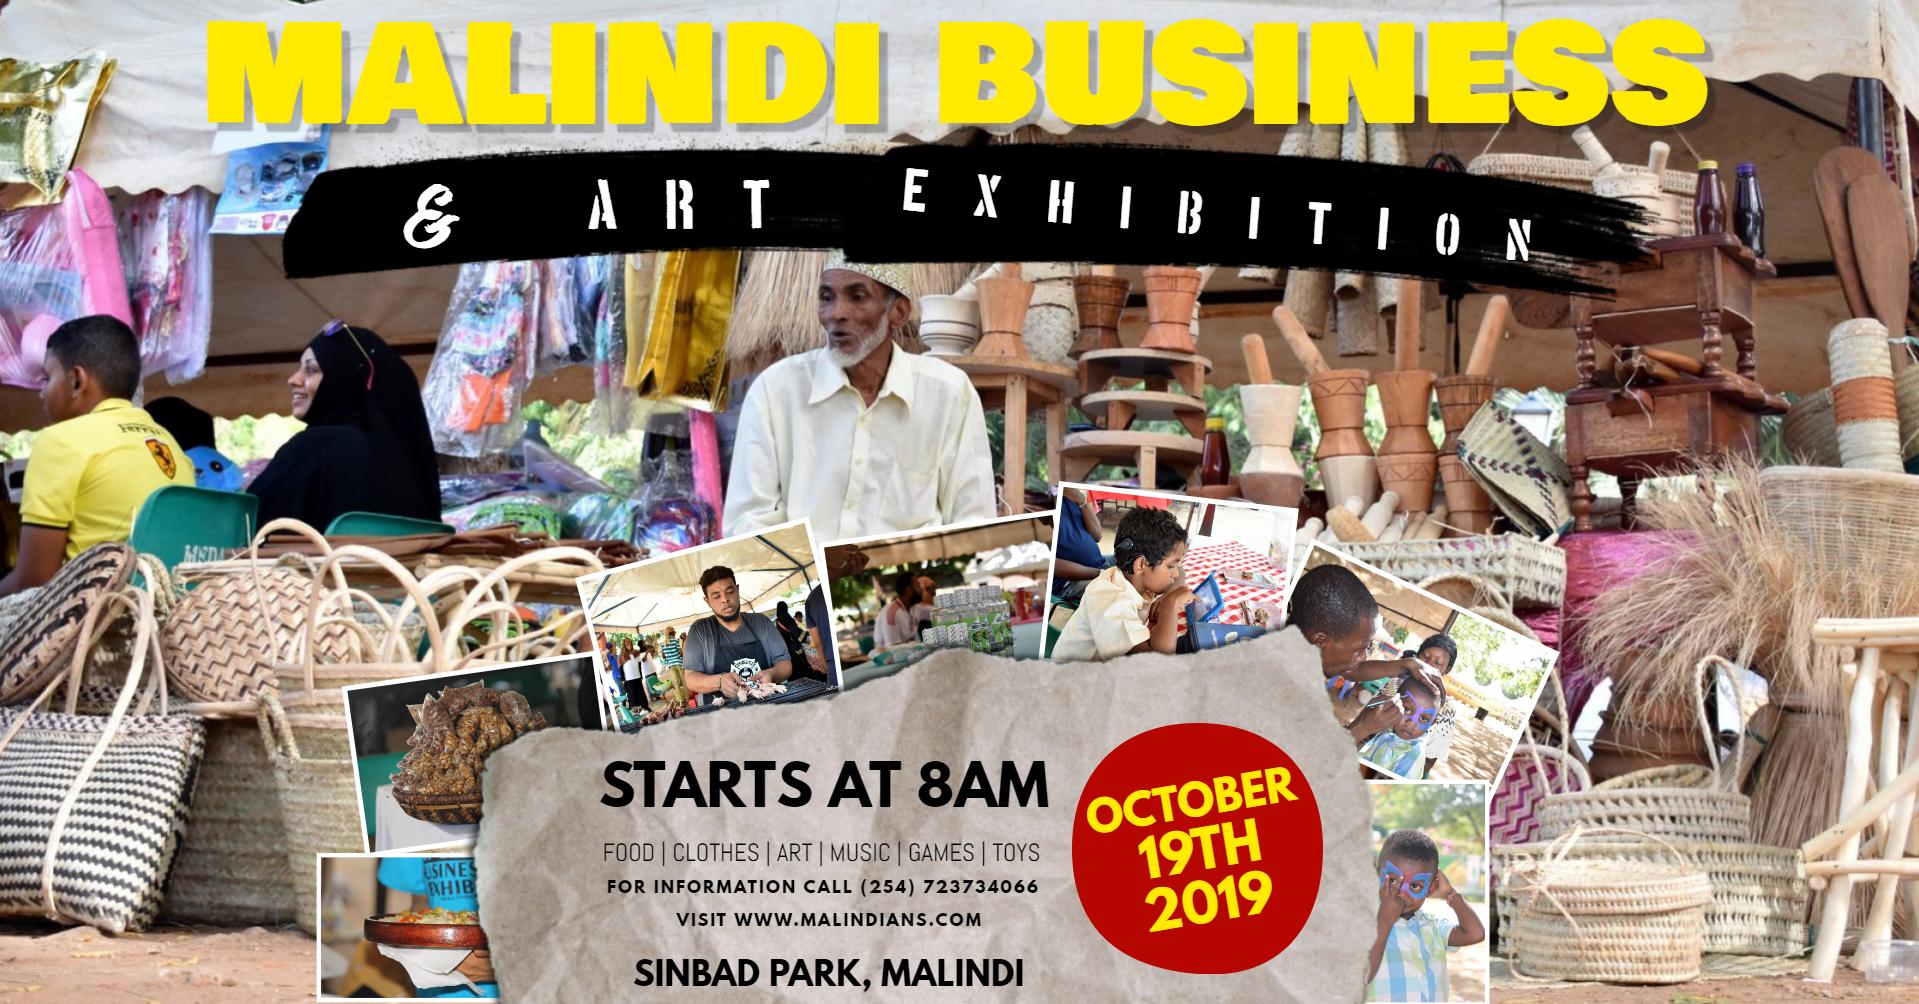 Malindi Business & Art Exhibition edition 2